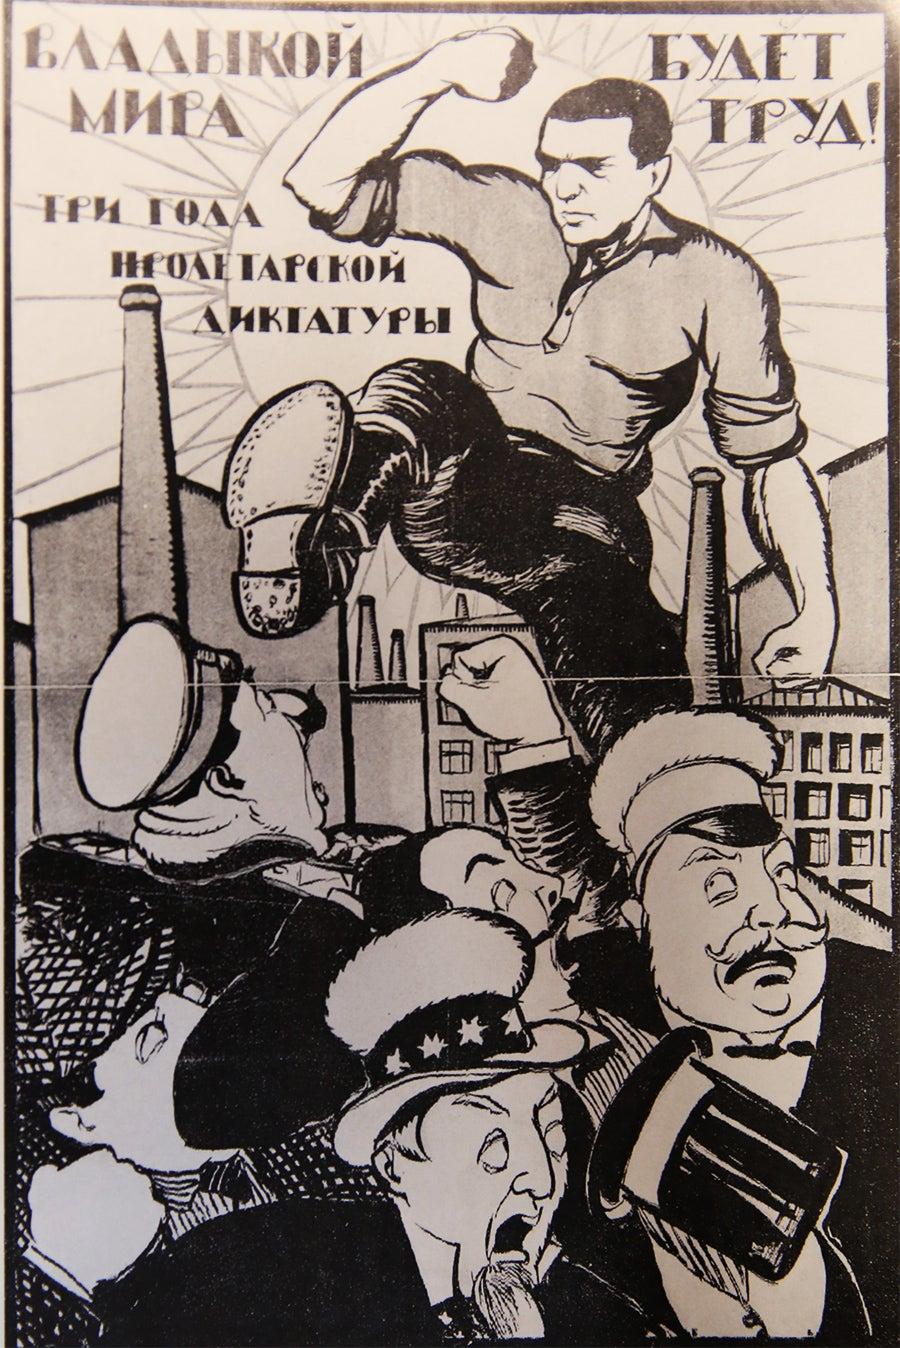 """""""Os trabalhadores serão senhores do mundo. Três anos de ditadura proletária"""". Artista desconhecido, 1920"""